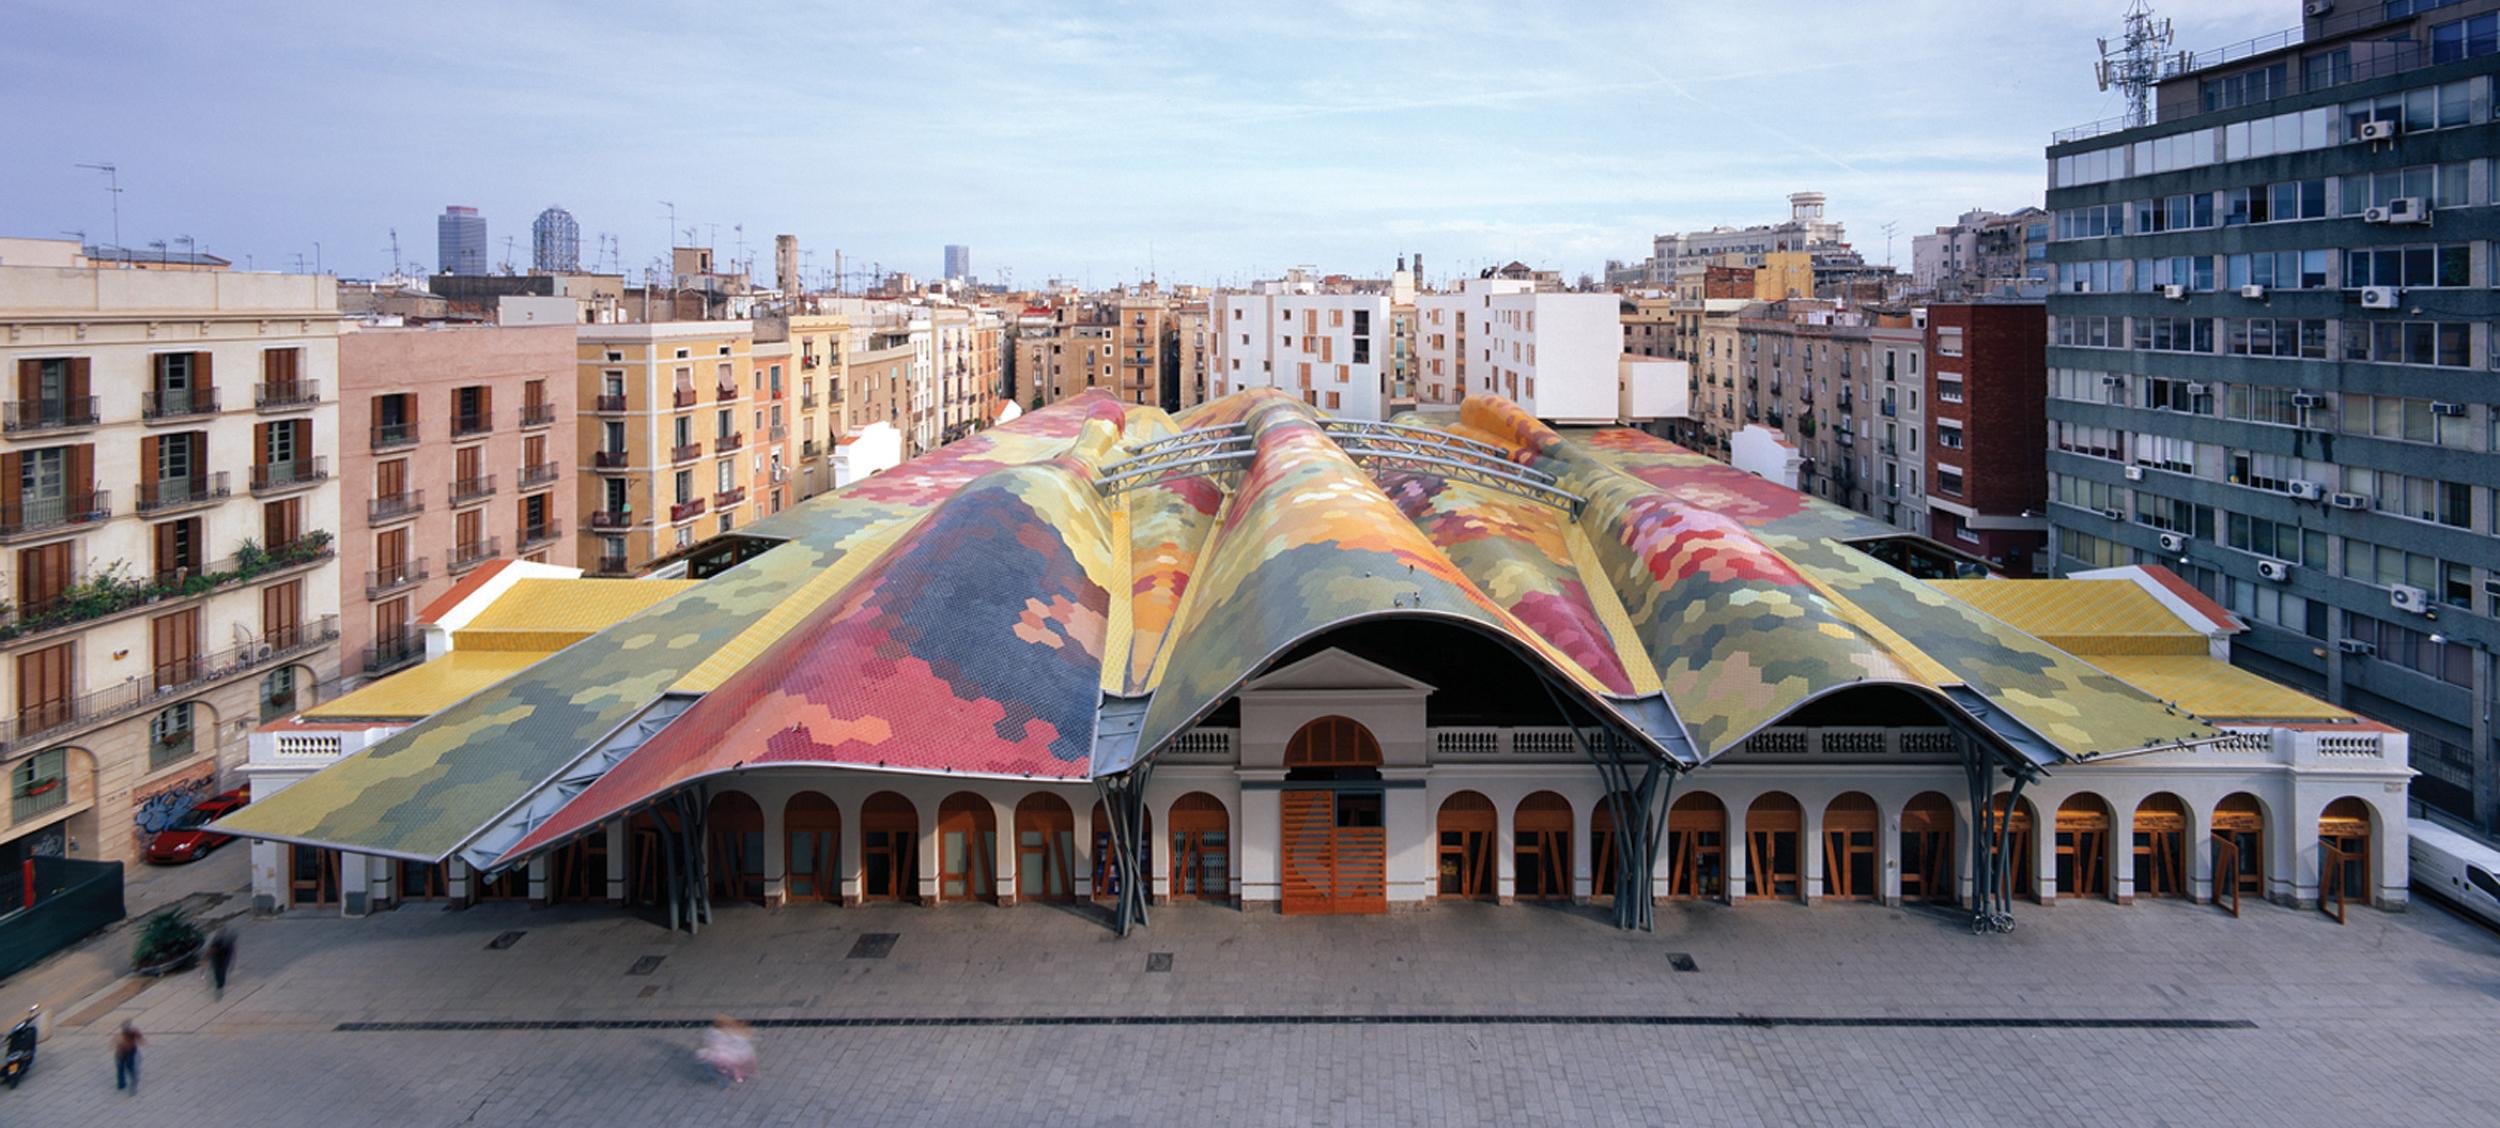 Santa caterina market barcelona home for Architettura contemporanea barcellona